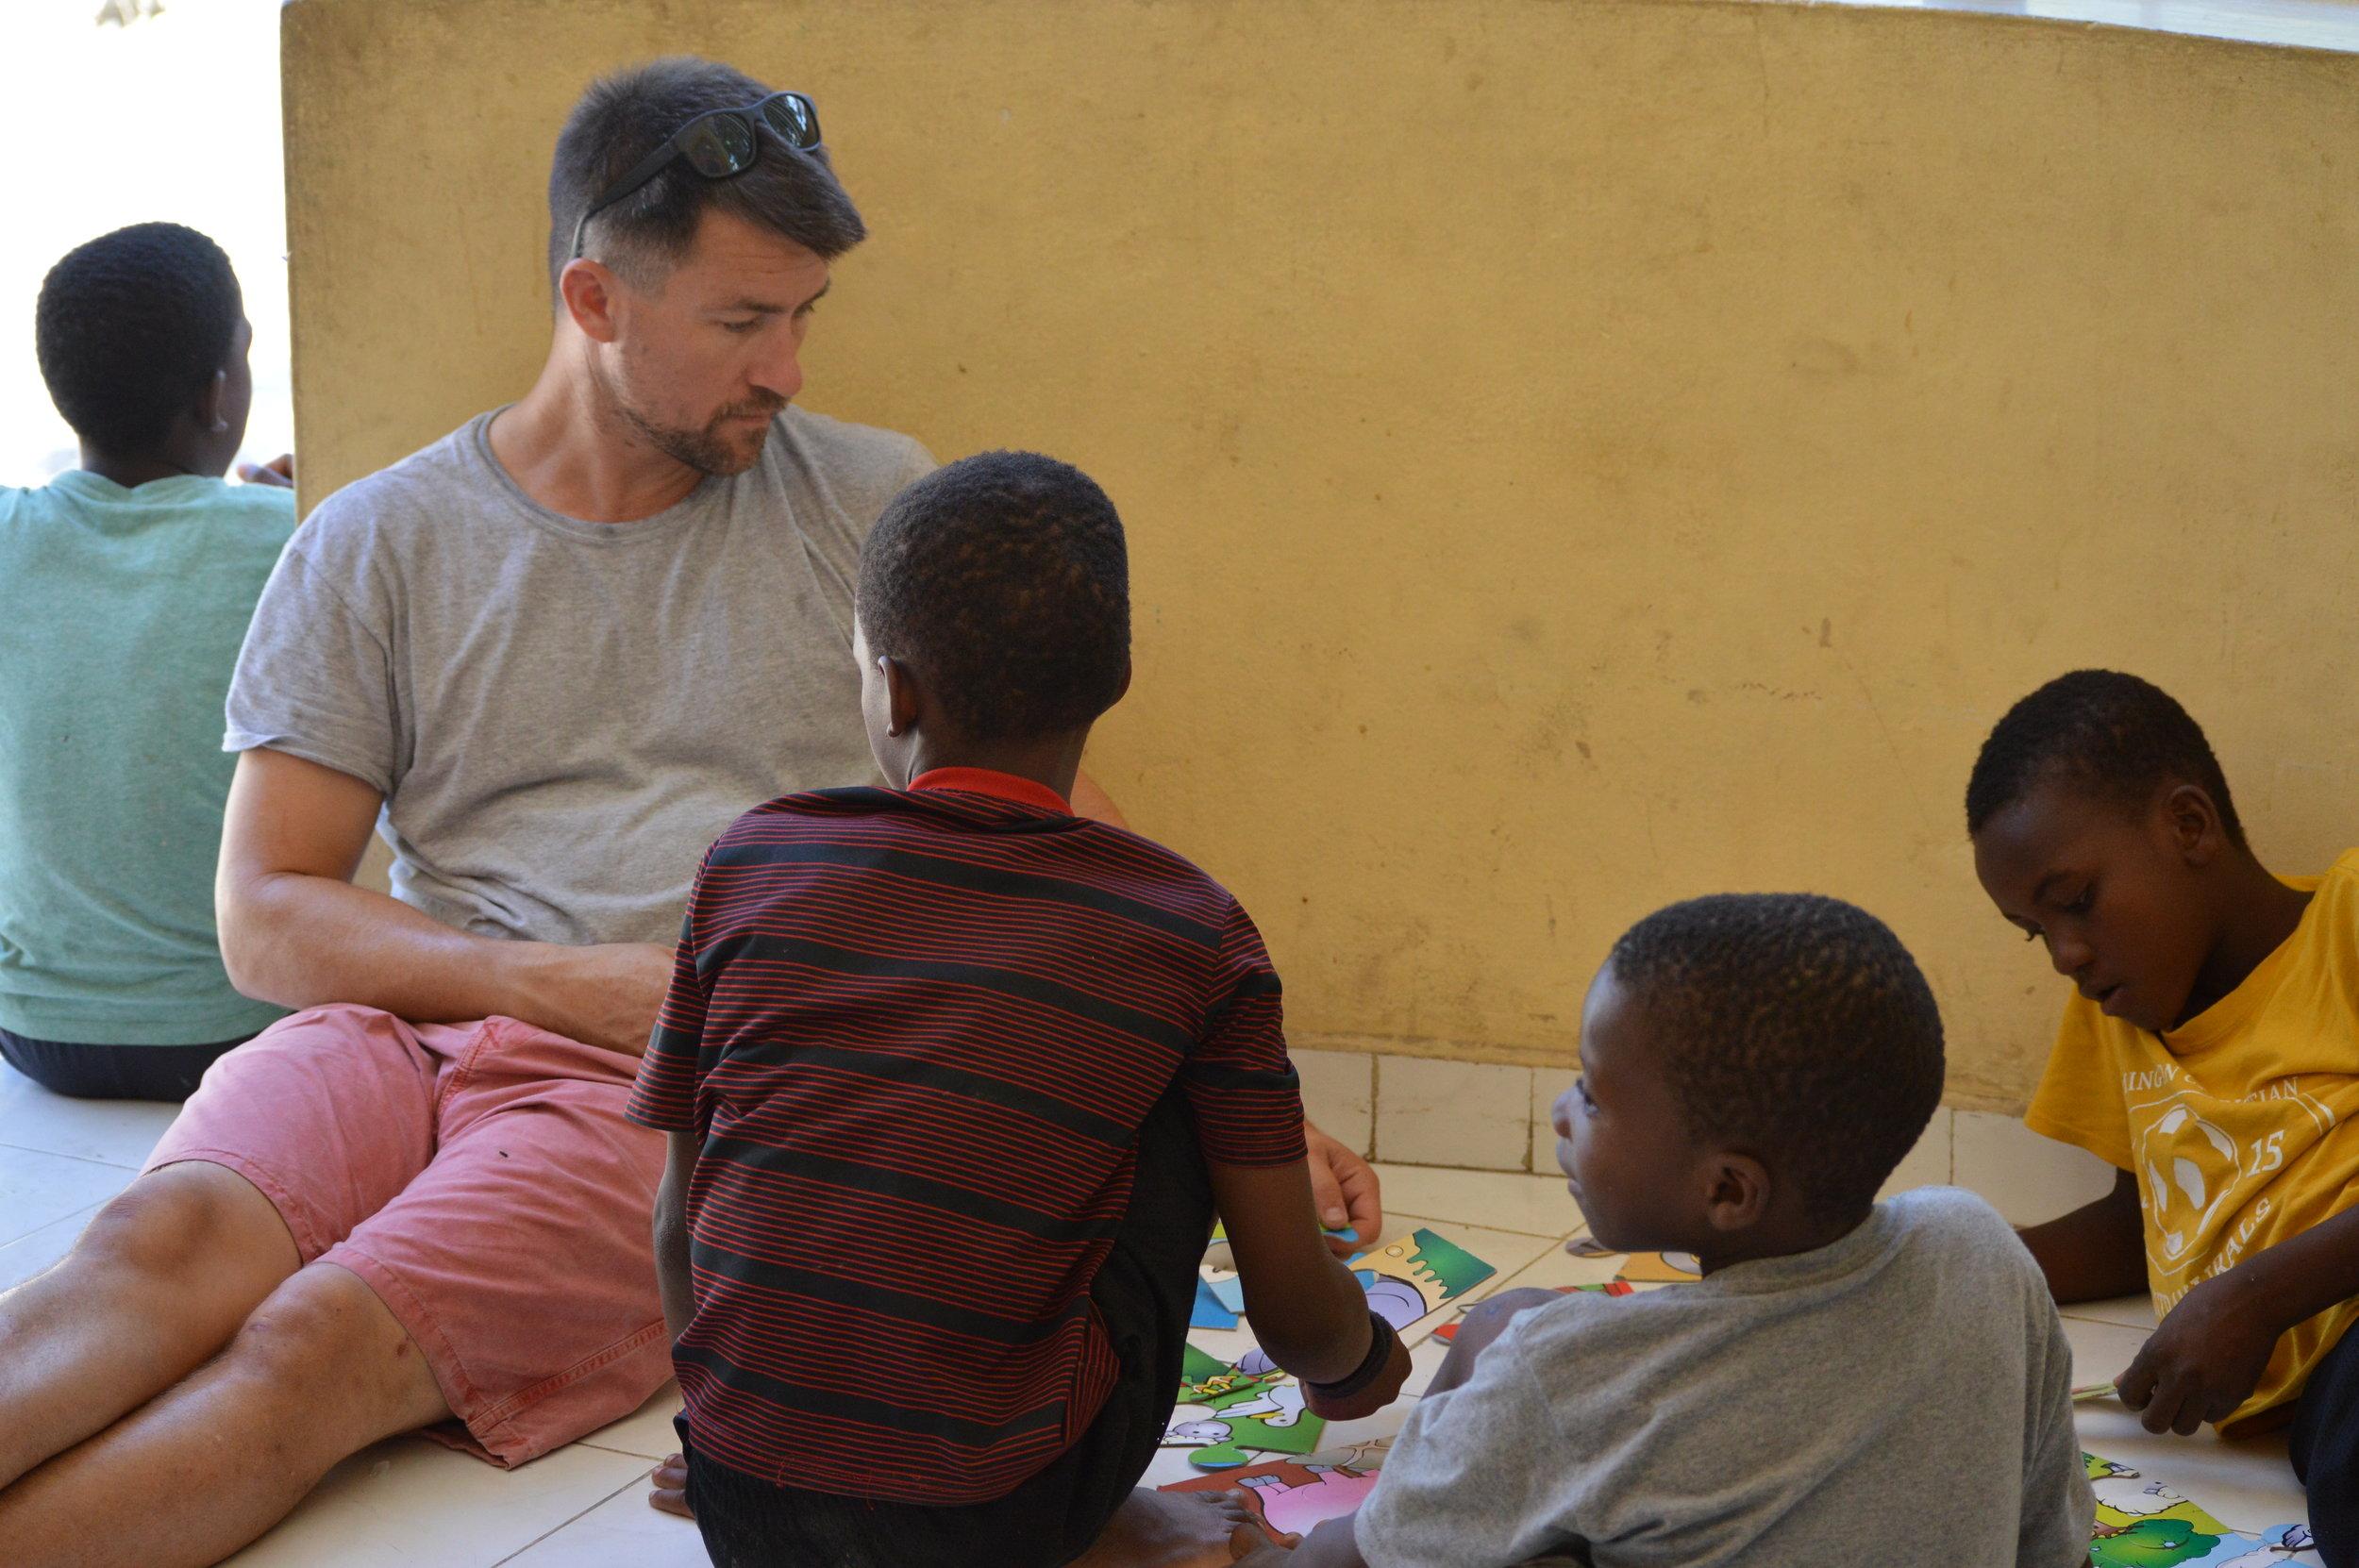 David kids puzzles.JPG